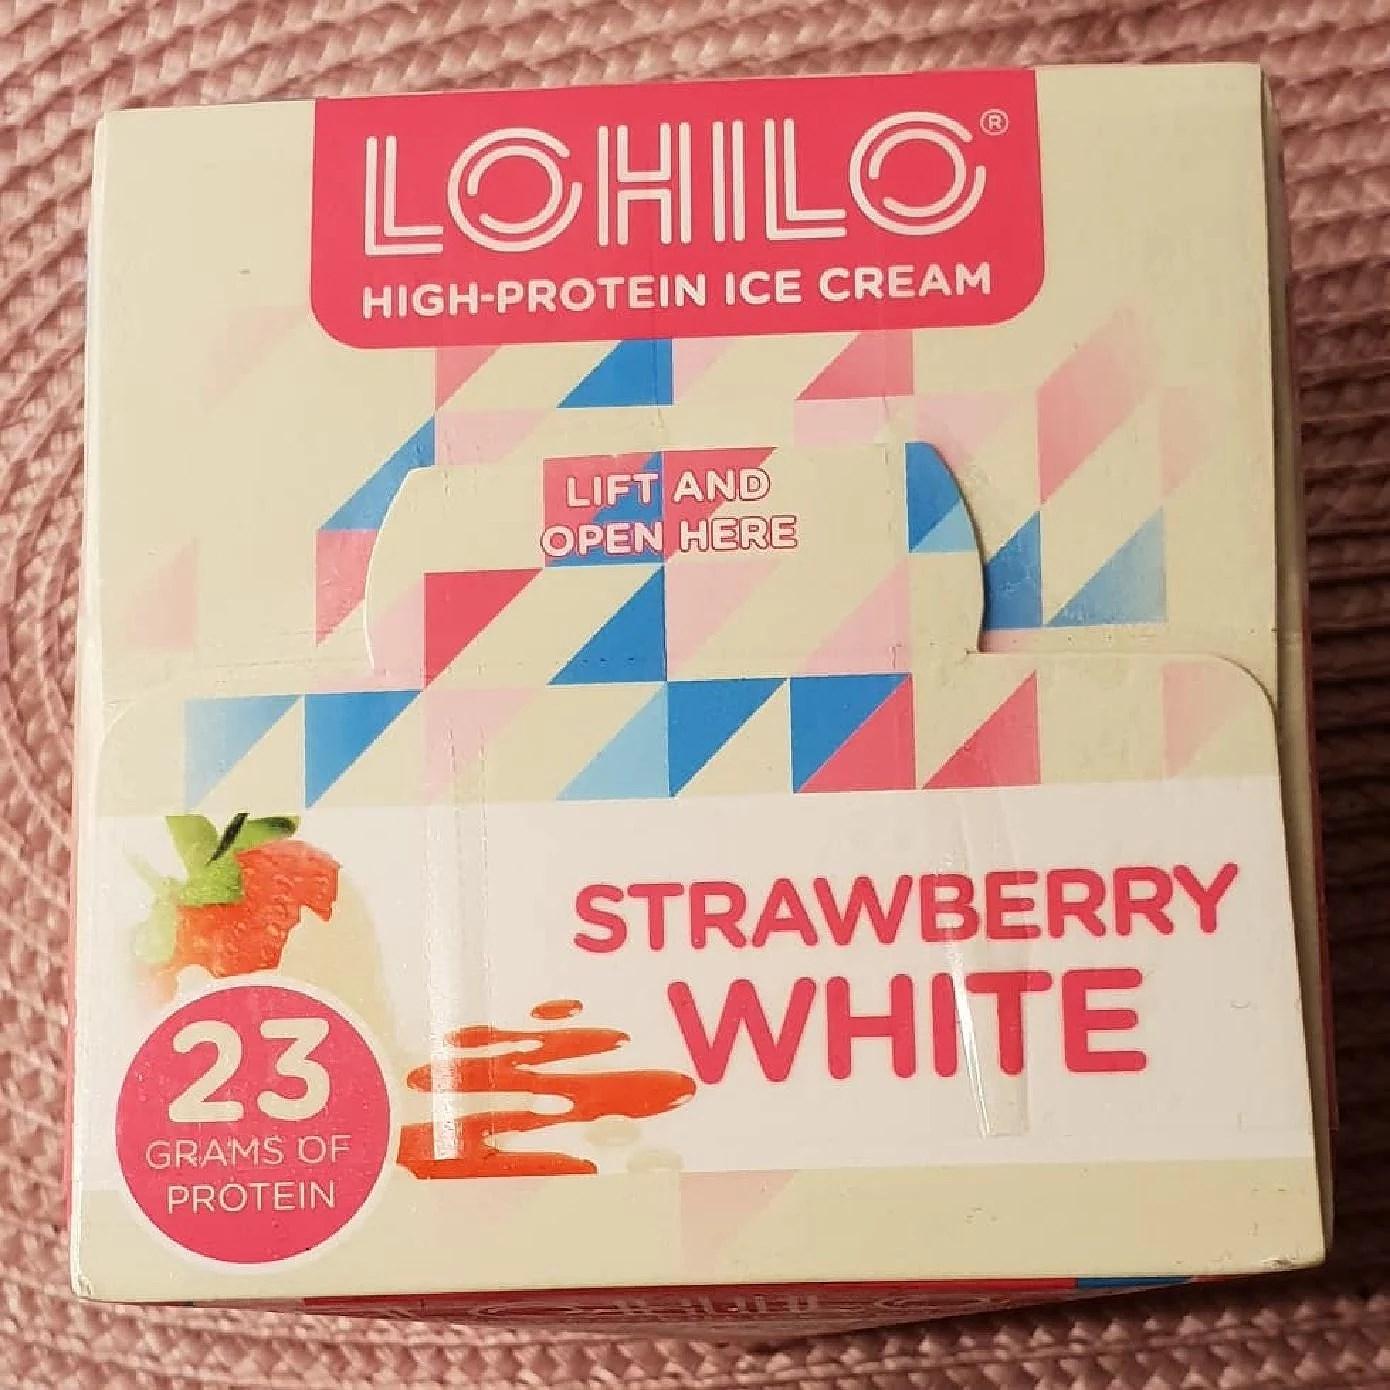 Lohilo glass och efterrätt jag älskar